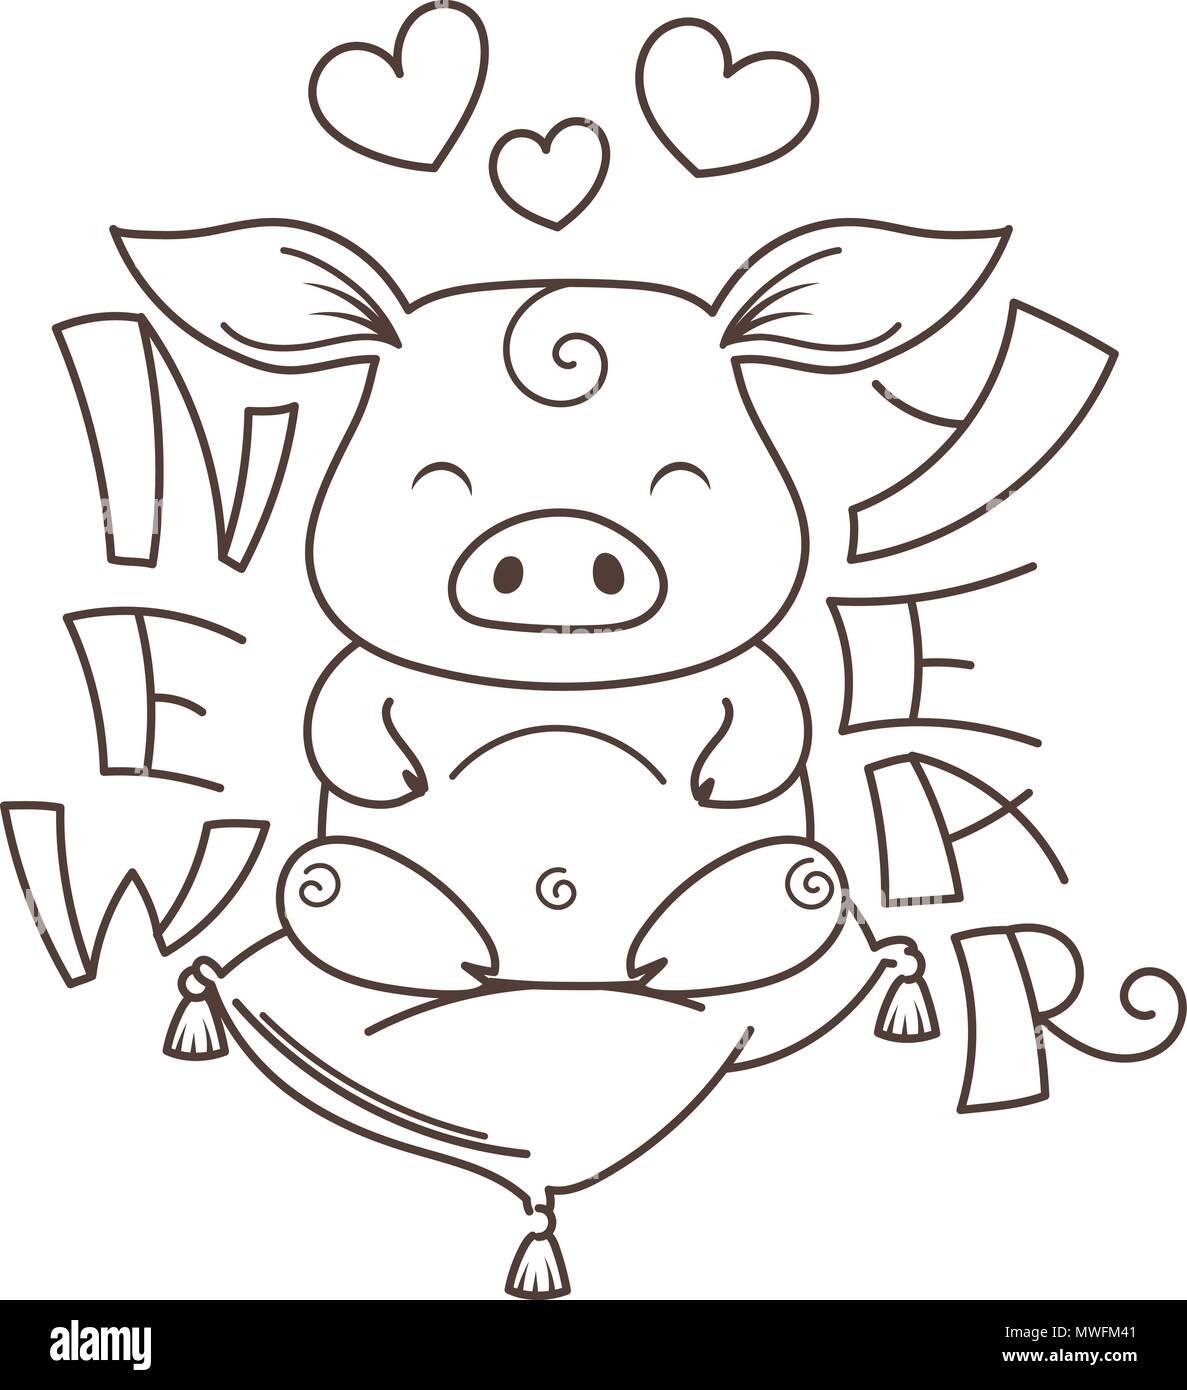 Cute Dibujos Animados De Cerdo En El Amor Símbolo Del Nuevo